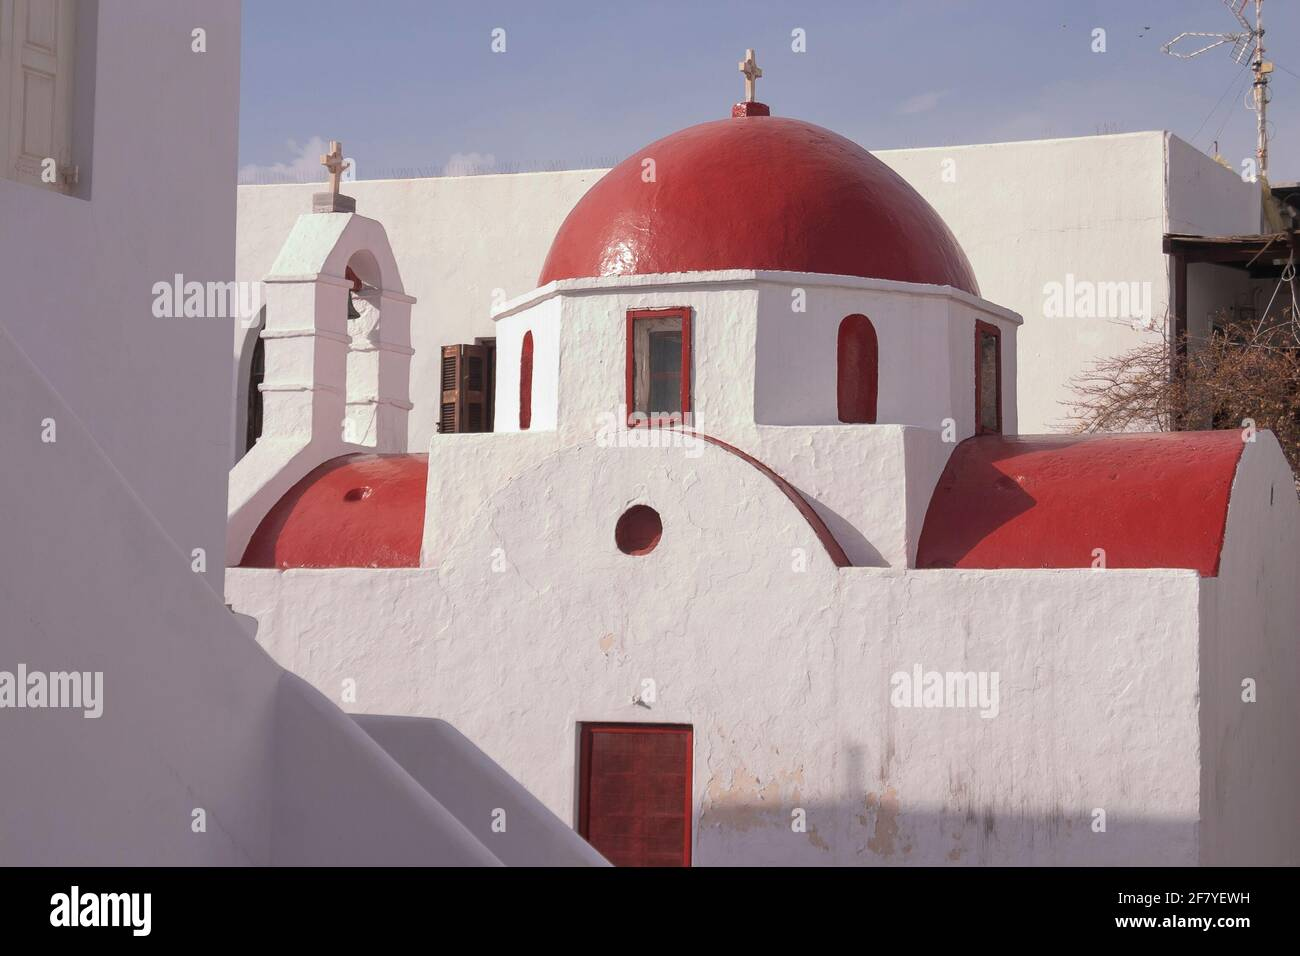 Mykonos, Grecia - 05 de abril de 2012: Iglesia Metropolitana, templo cristiano con cúpula roja y campanario, encalado en blanco en la ciudad de Mykonos, Cícladas i Foto de stock